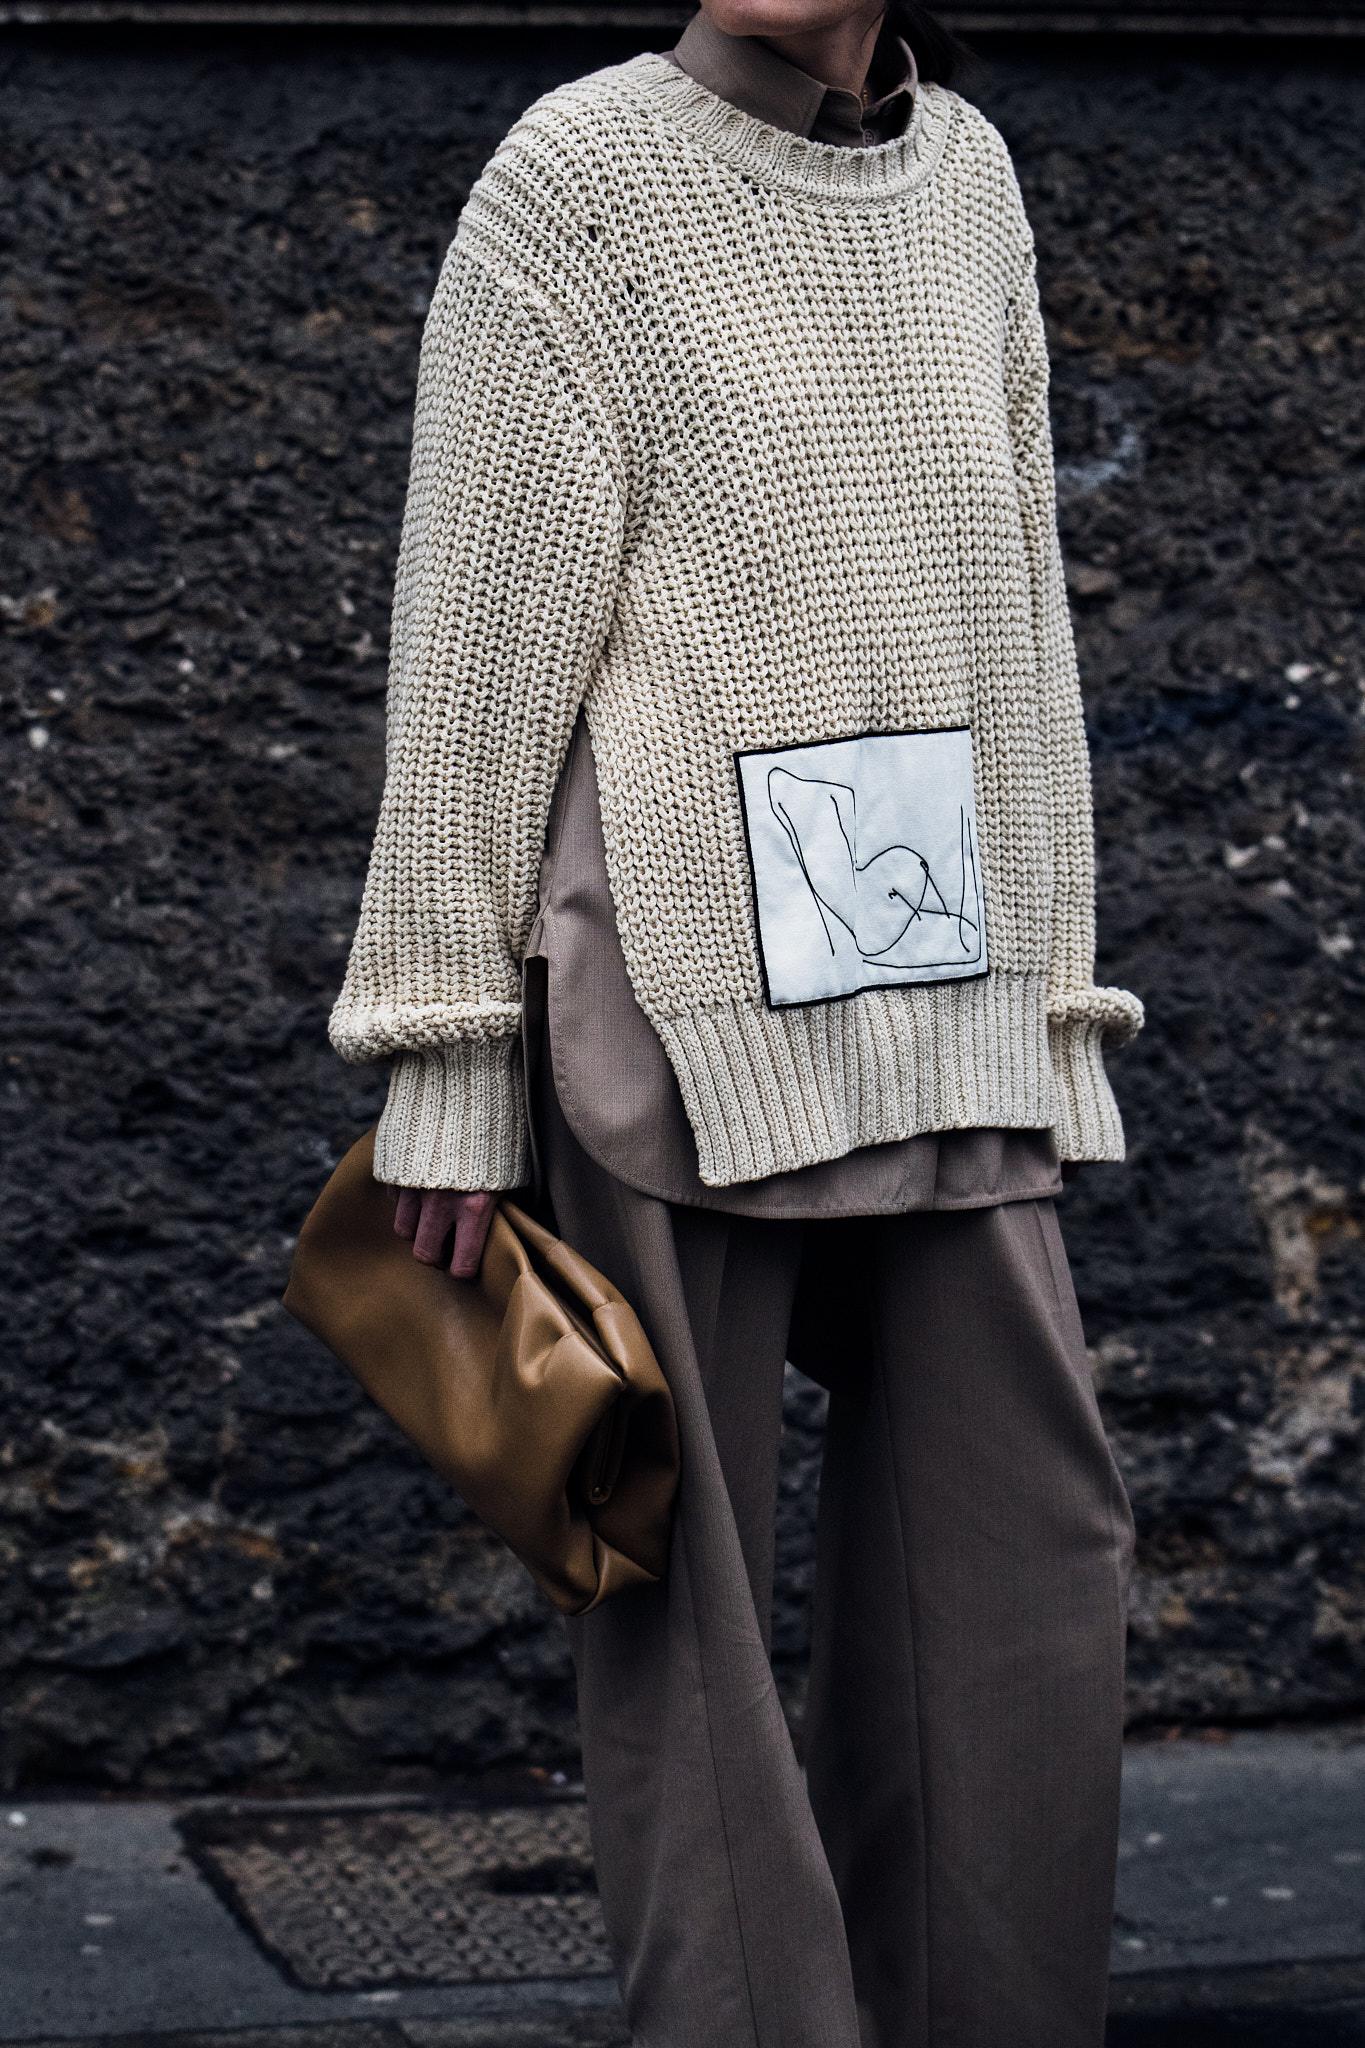 Outside Issey Miyake - Paris Fashion Week FW19